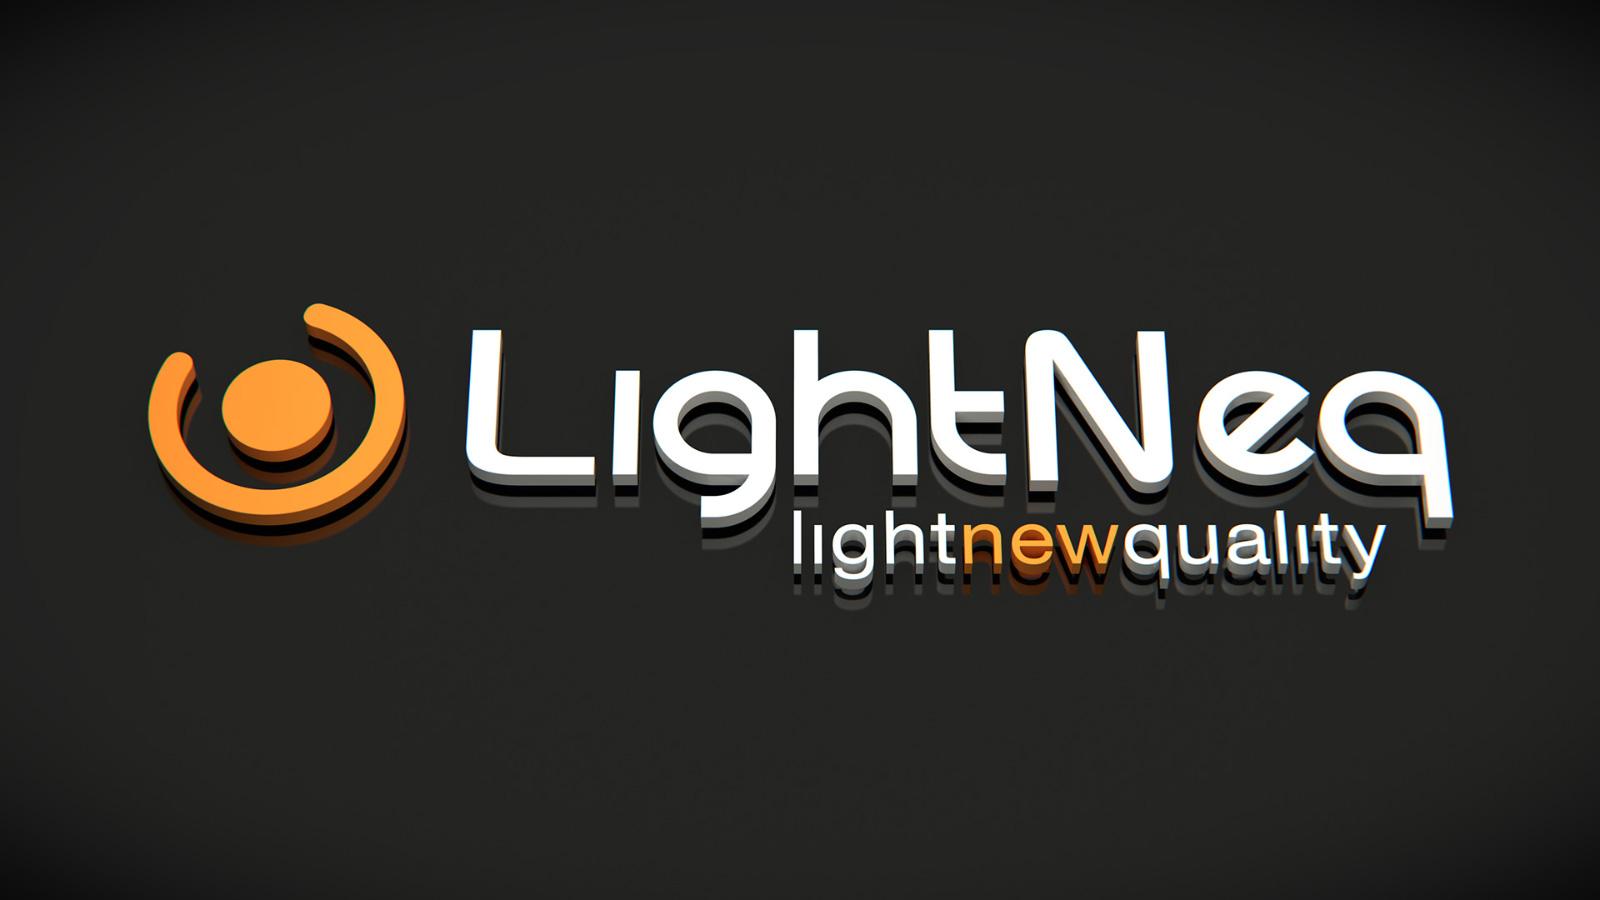 Lightneq 3d logo